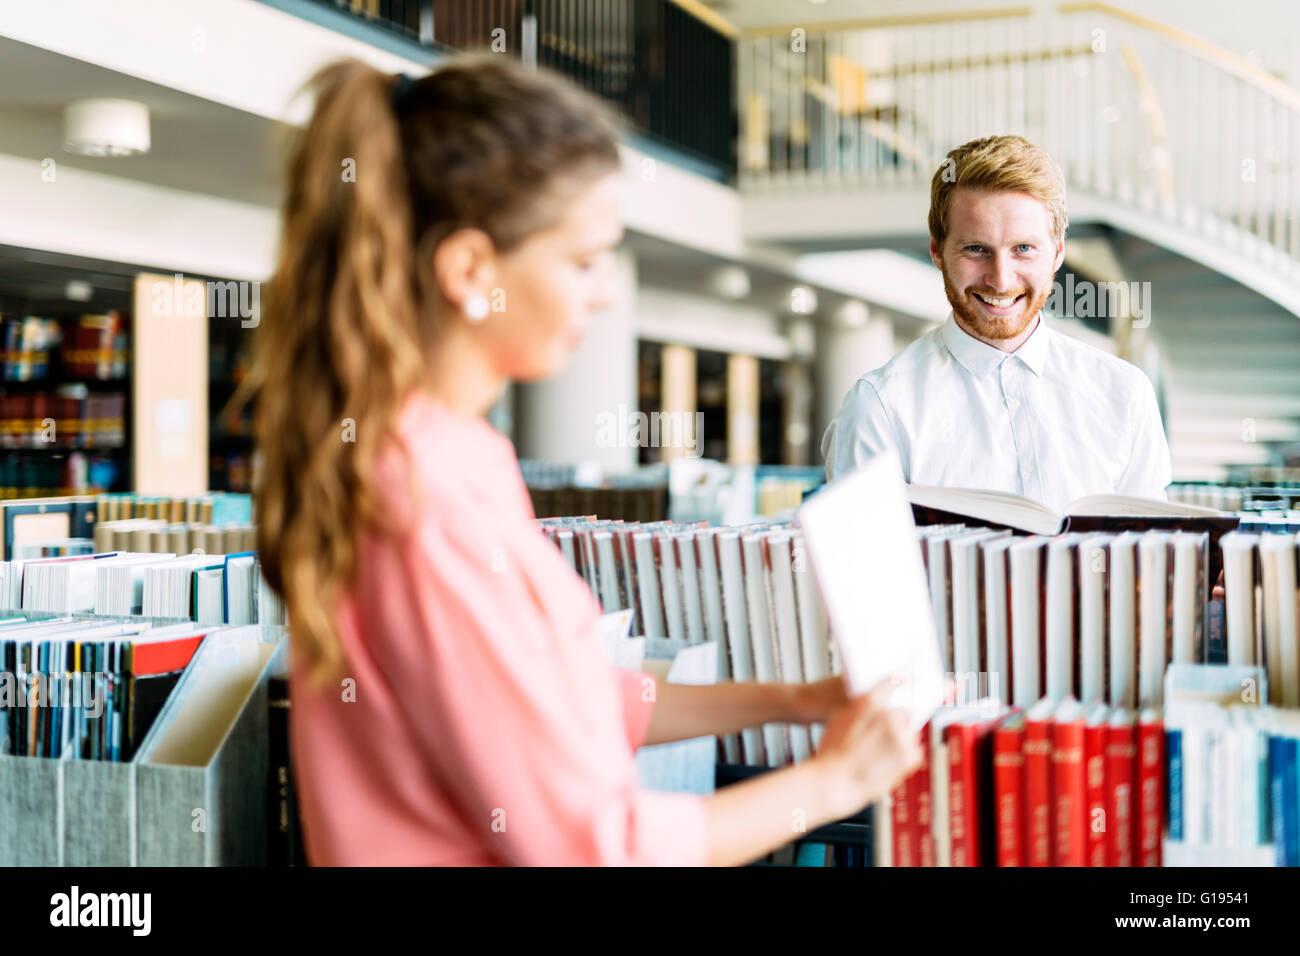 Belle heureux les étudiants qui étudient et flirter dans une bibliothèque moderne Photo Stock